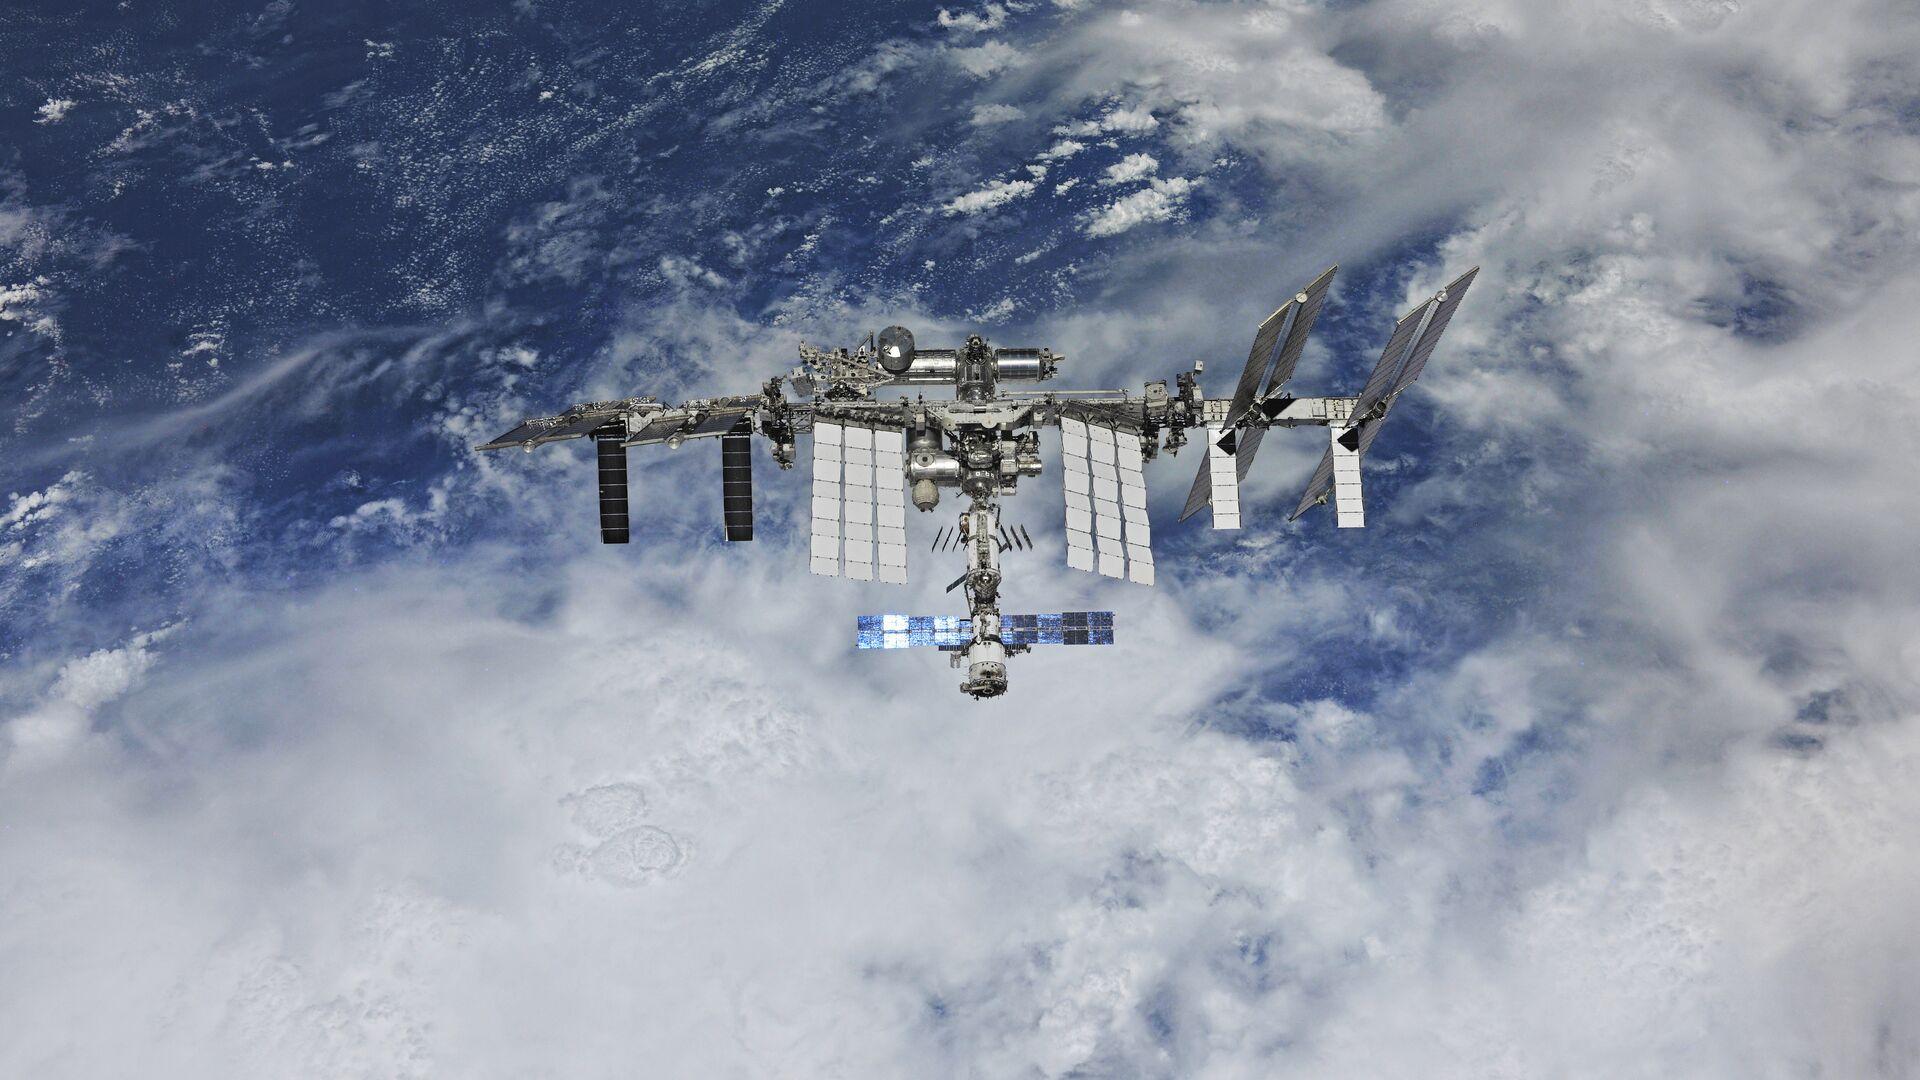 Глава полета российского сегмента объяснил ситуацию с едой на МКС